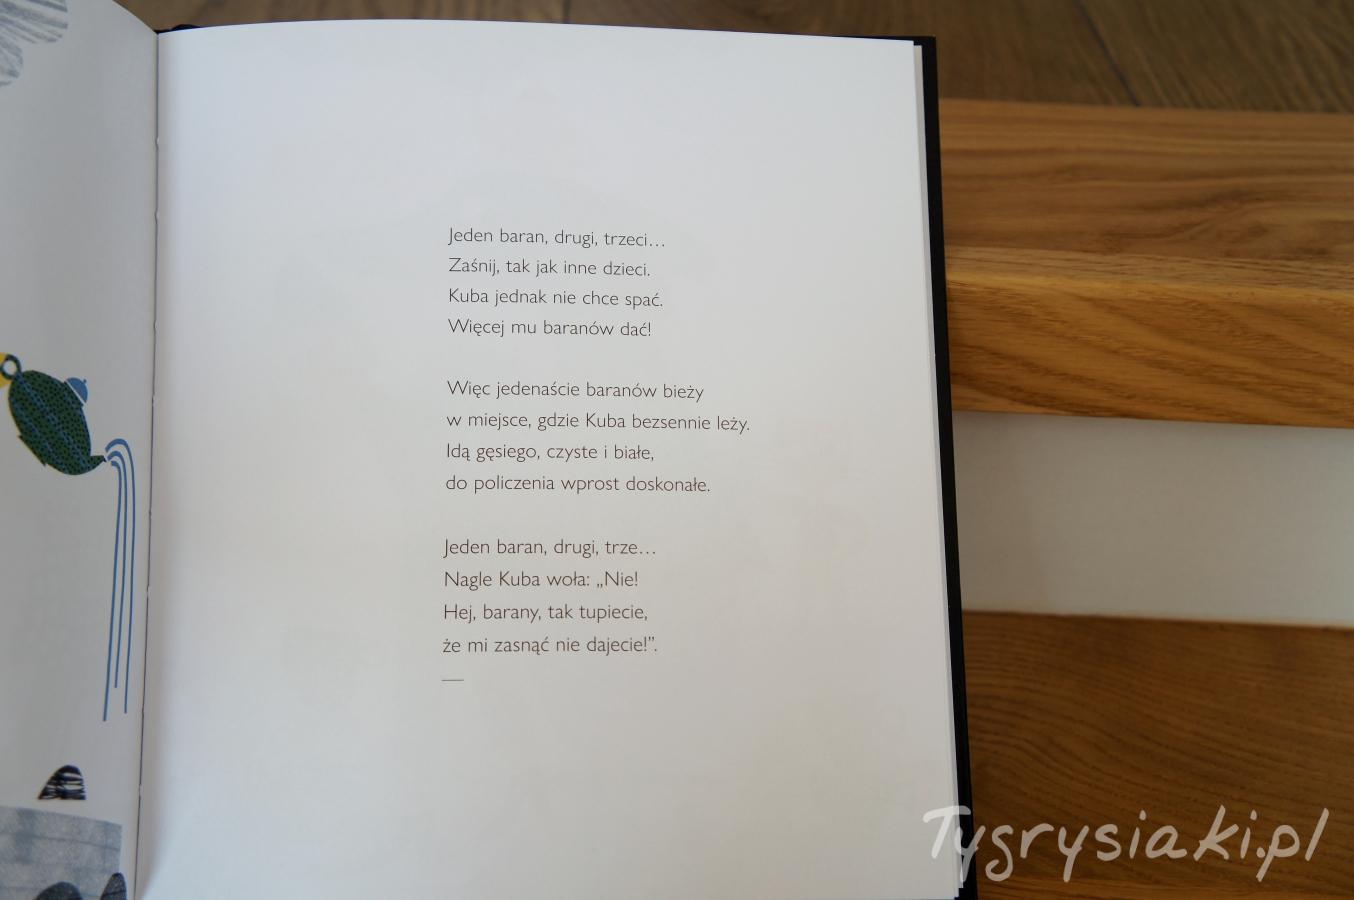 liczenie-baranow-recenzja-ksiazki-dzieci-cytat